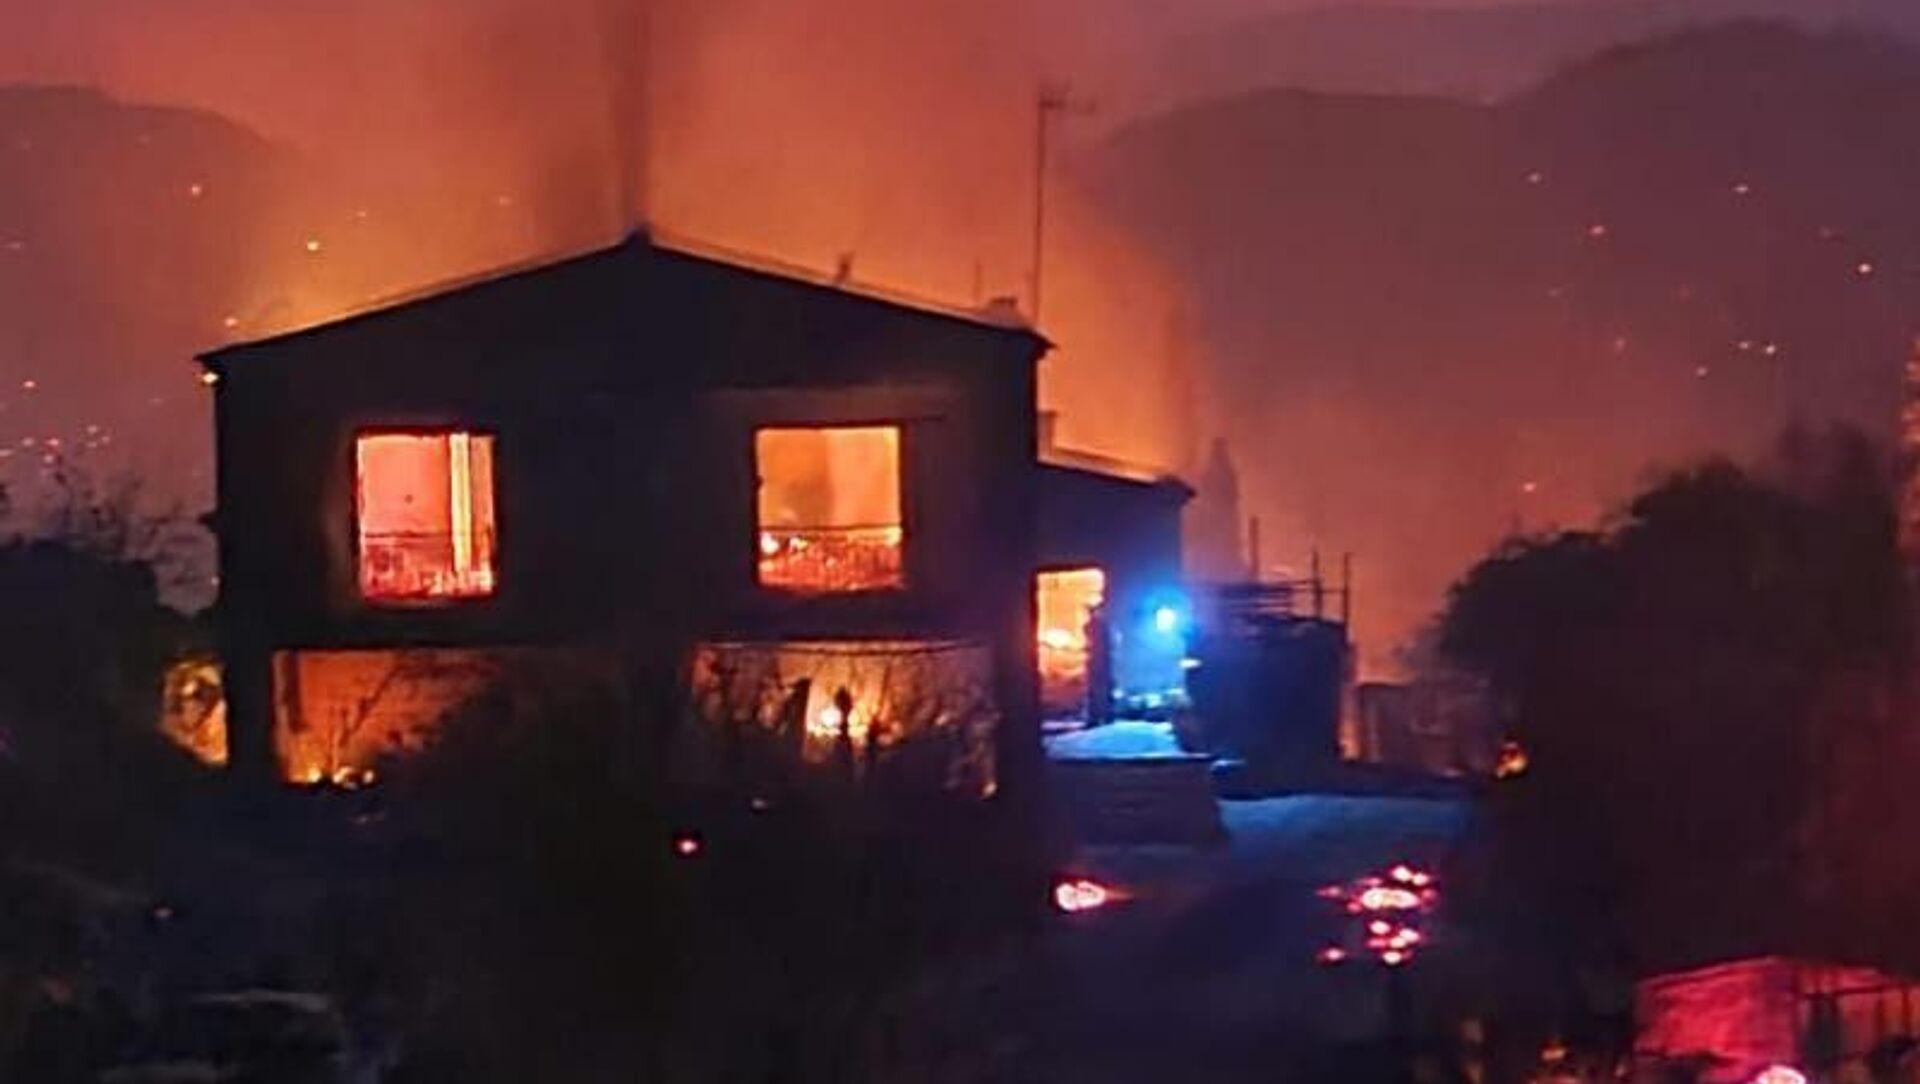 Güney Kıbrıs, öğle saatlerinde çıkan ve kısa sürede geniş alana yayılan yangın nedeniyle ülke genelinde acil durum ilan ederken, yangını söndürme çalışmalarında 1 çiftçi hayatını kaybetti. - Sputnik Türkiye, 1920, 04.07.2021